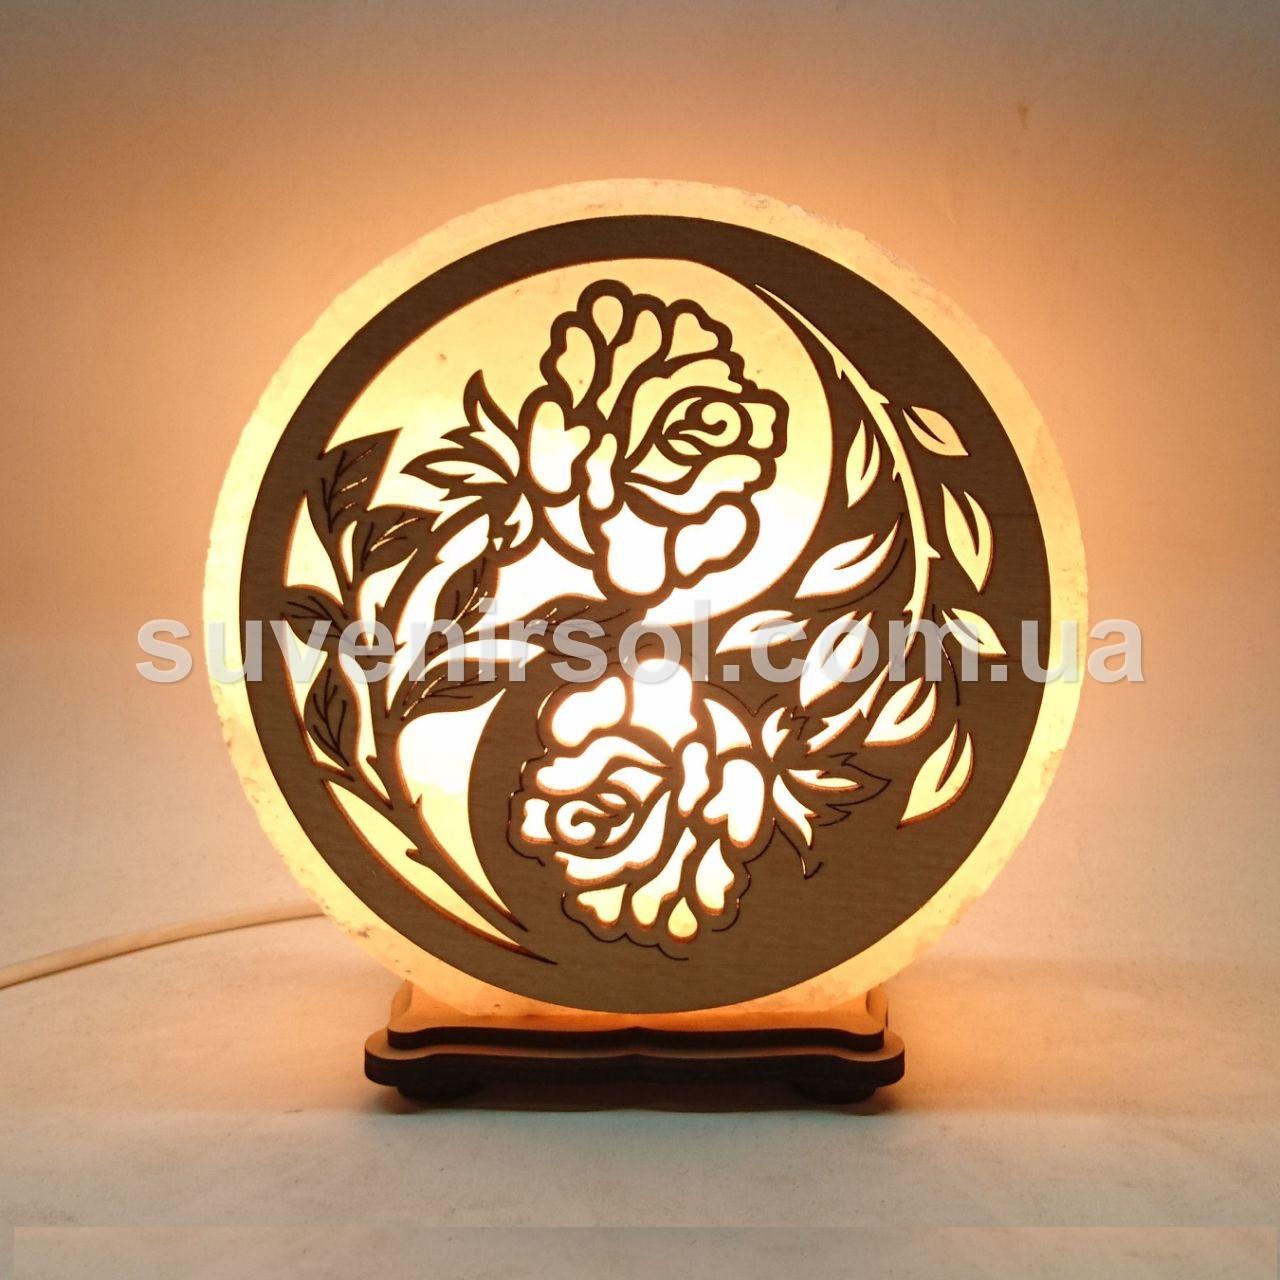 Соляной светильник круглый Розы инь янь